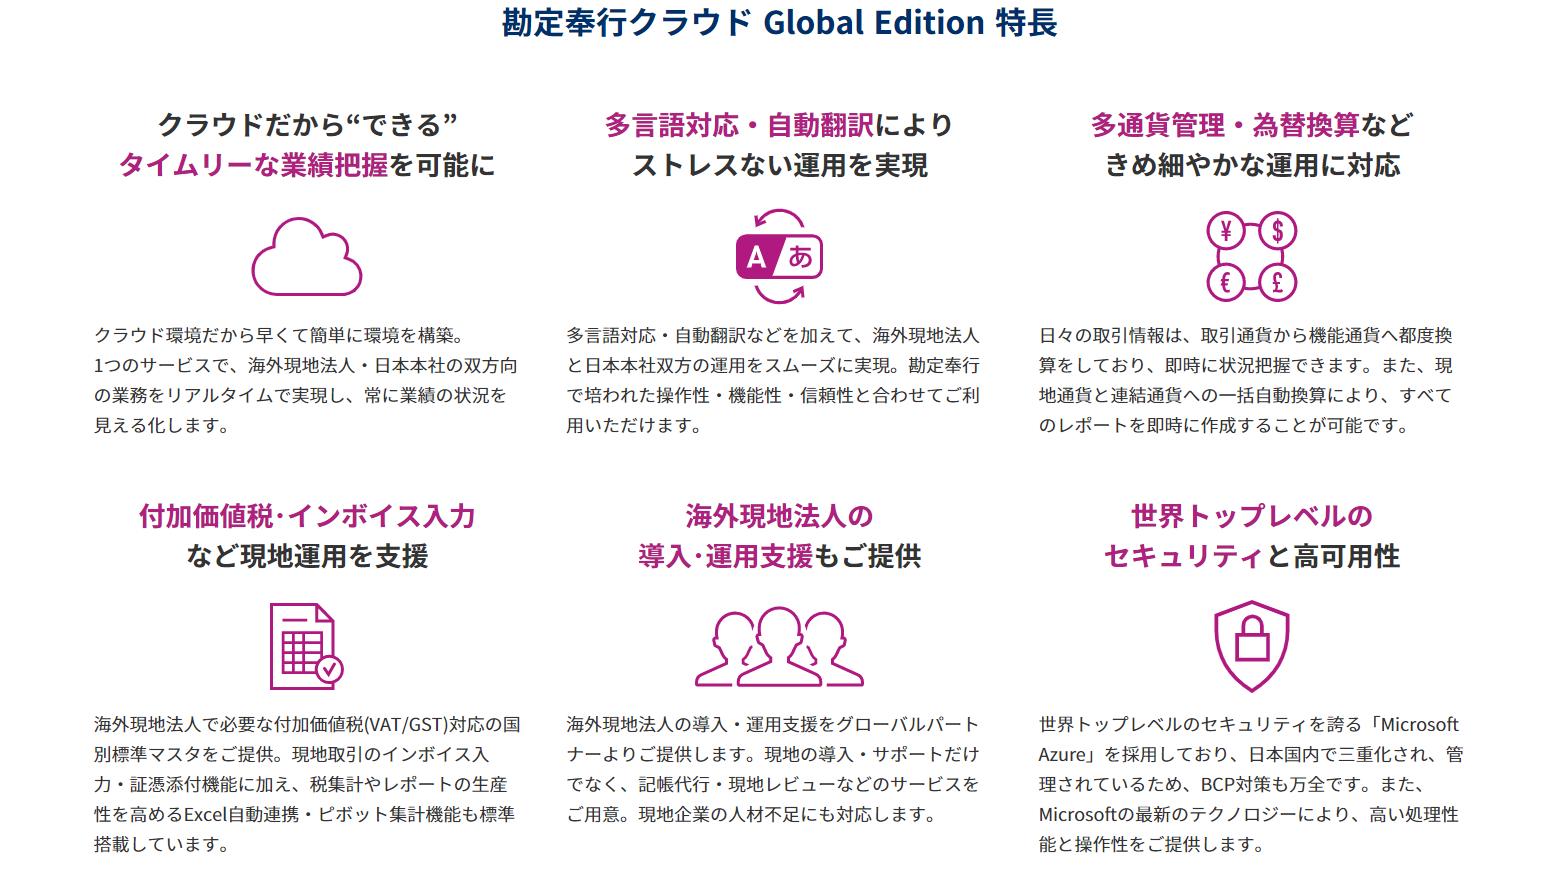 勘定奉行クラウドGlobal Edition